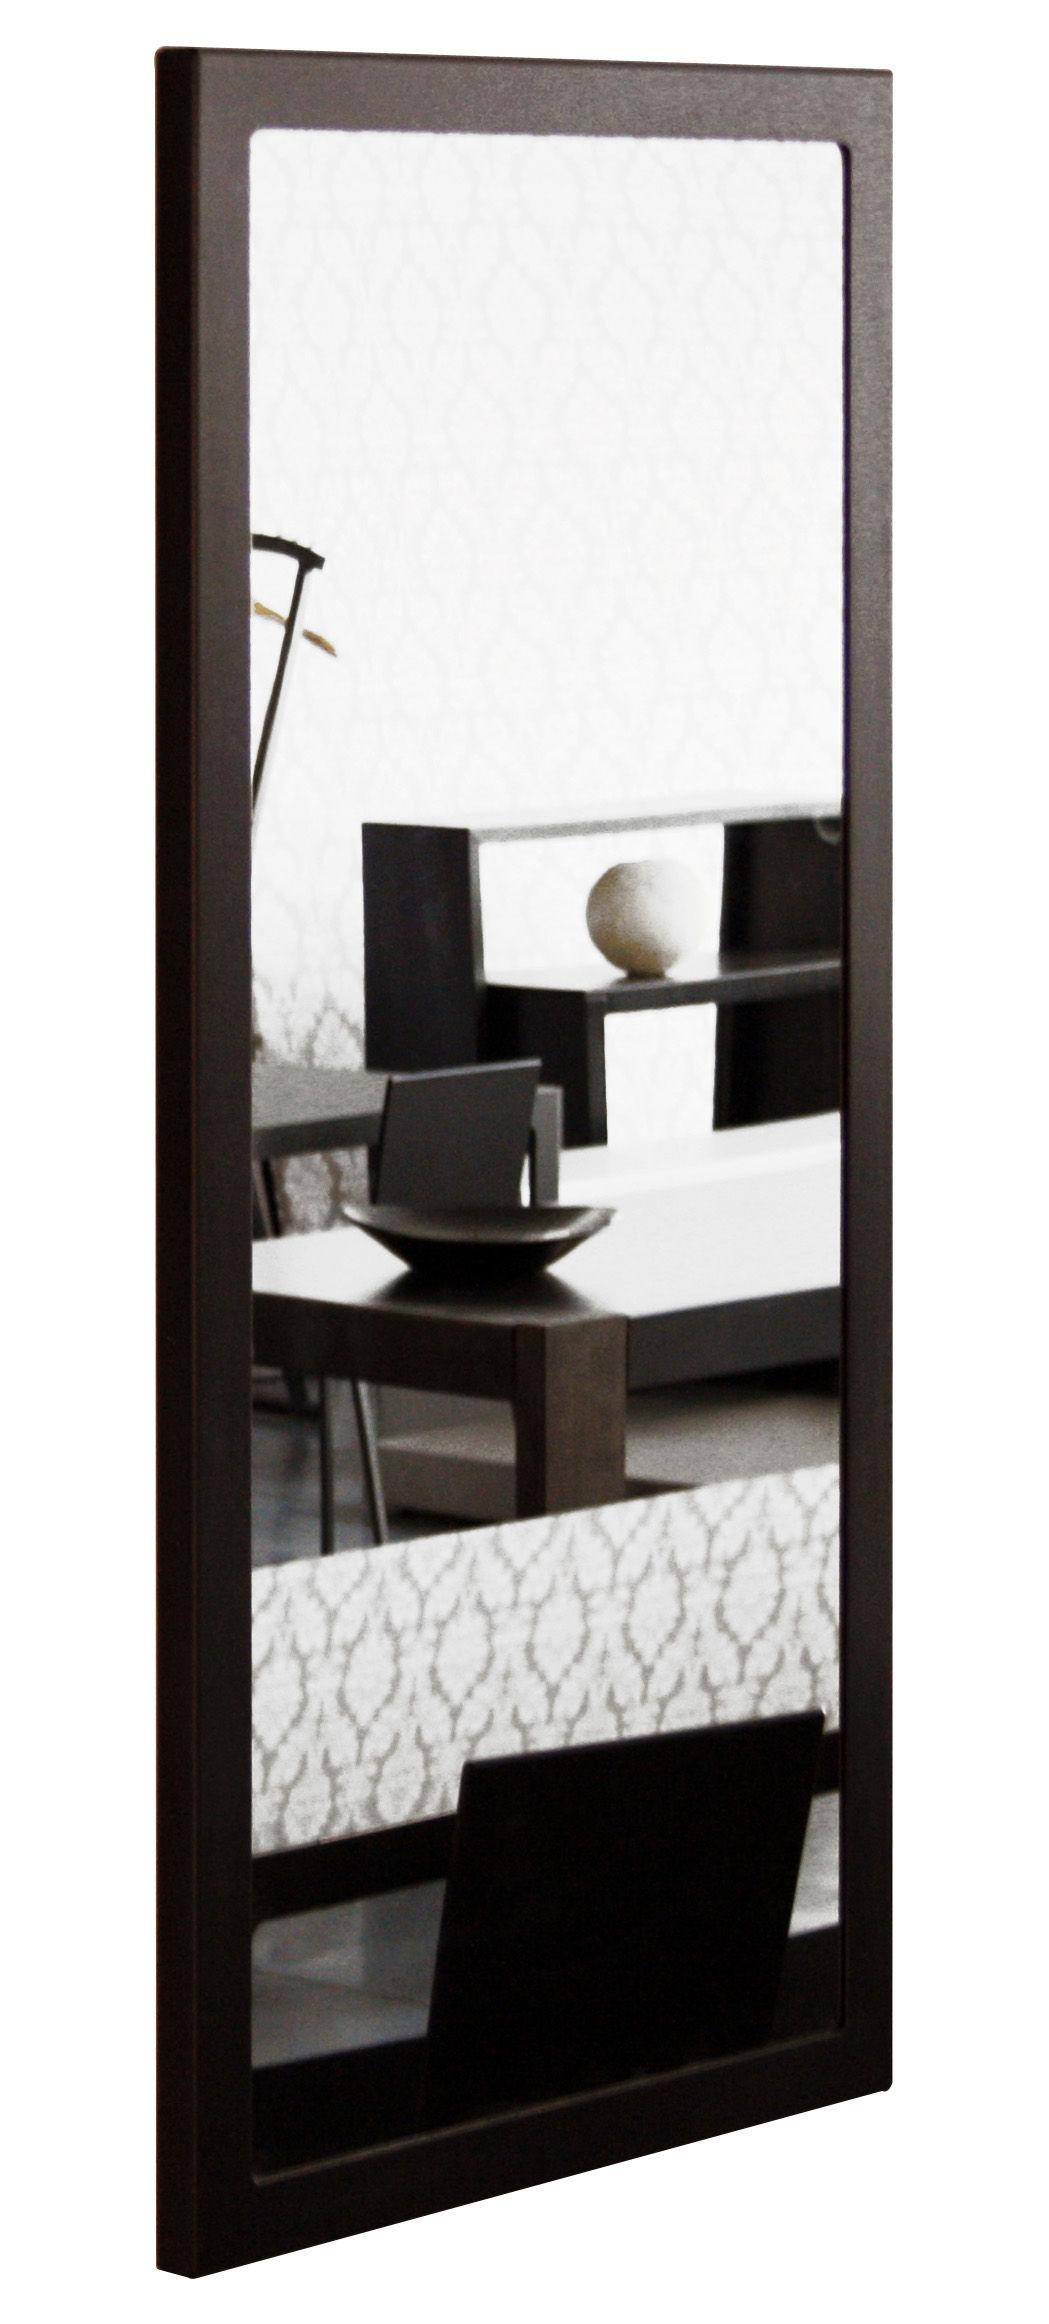 Arredamento - Specchi - Specchio murale Little Frame - 60 x 120 cm di Zeus - Fosfatato nero - Tôle d'acier naturelle